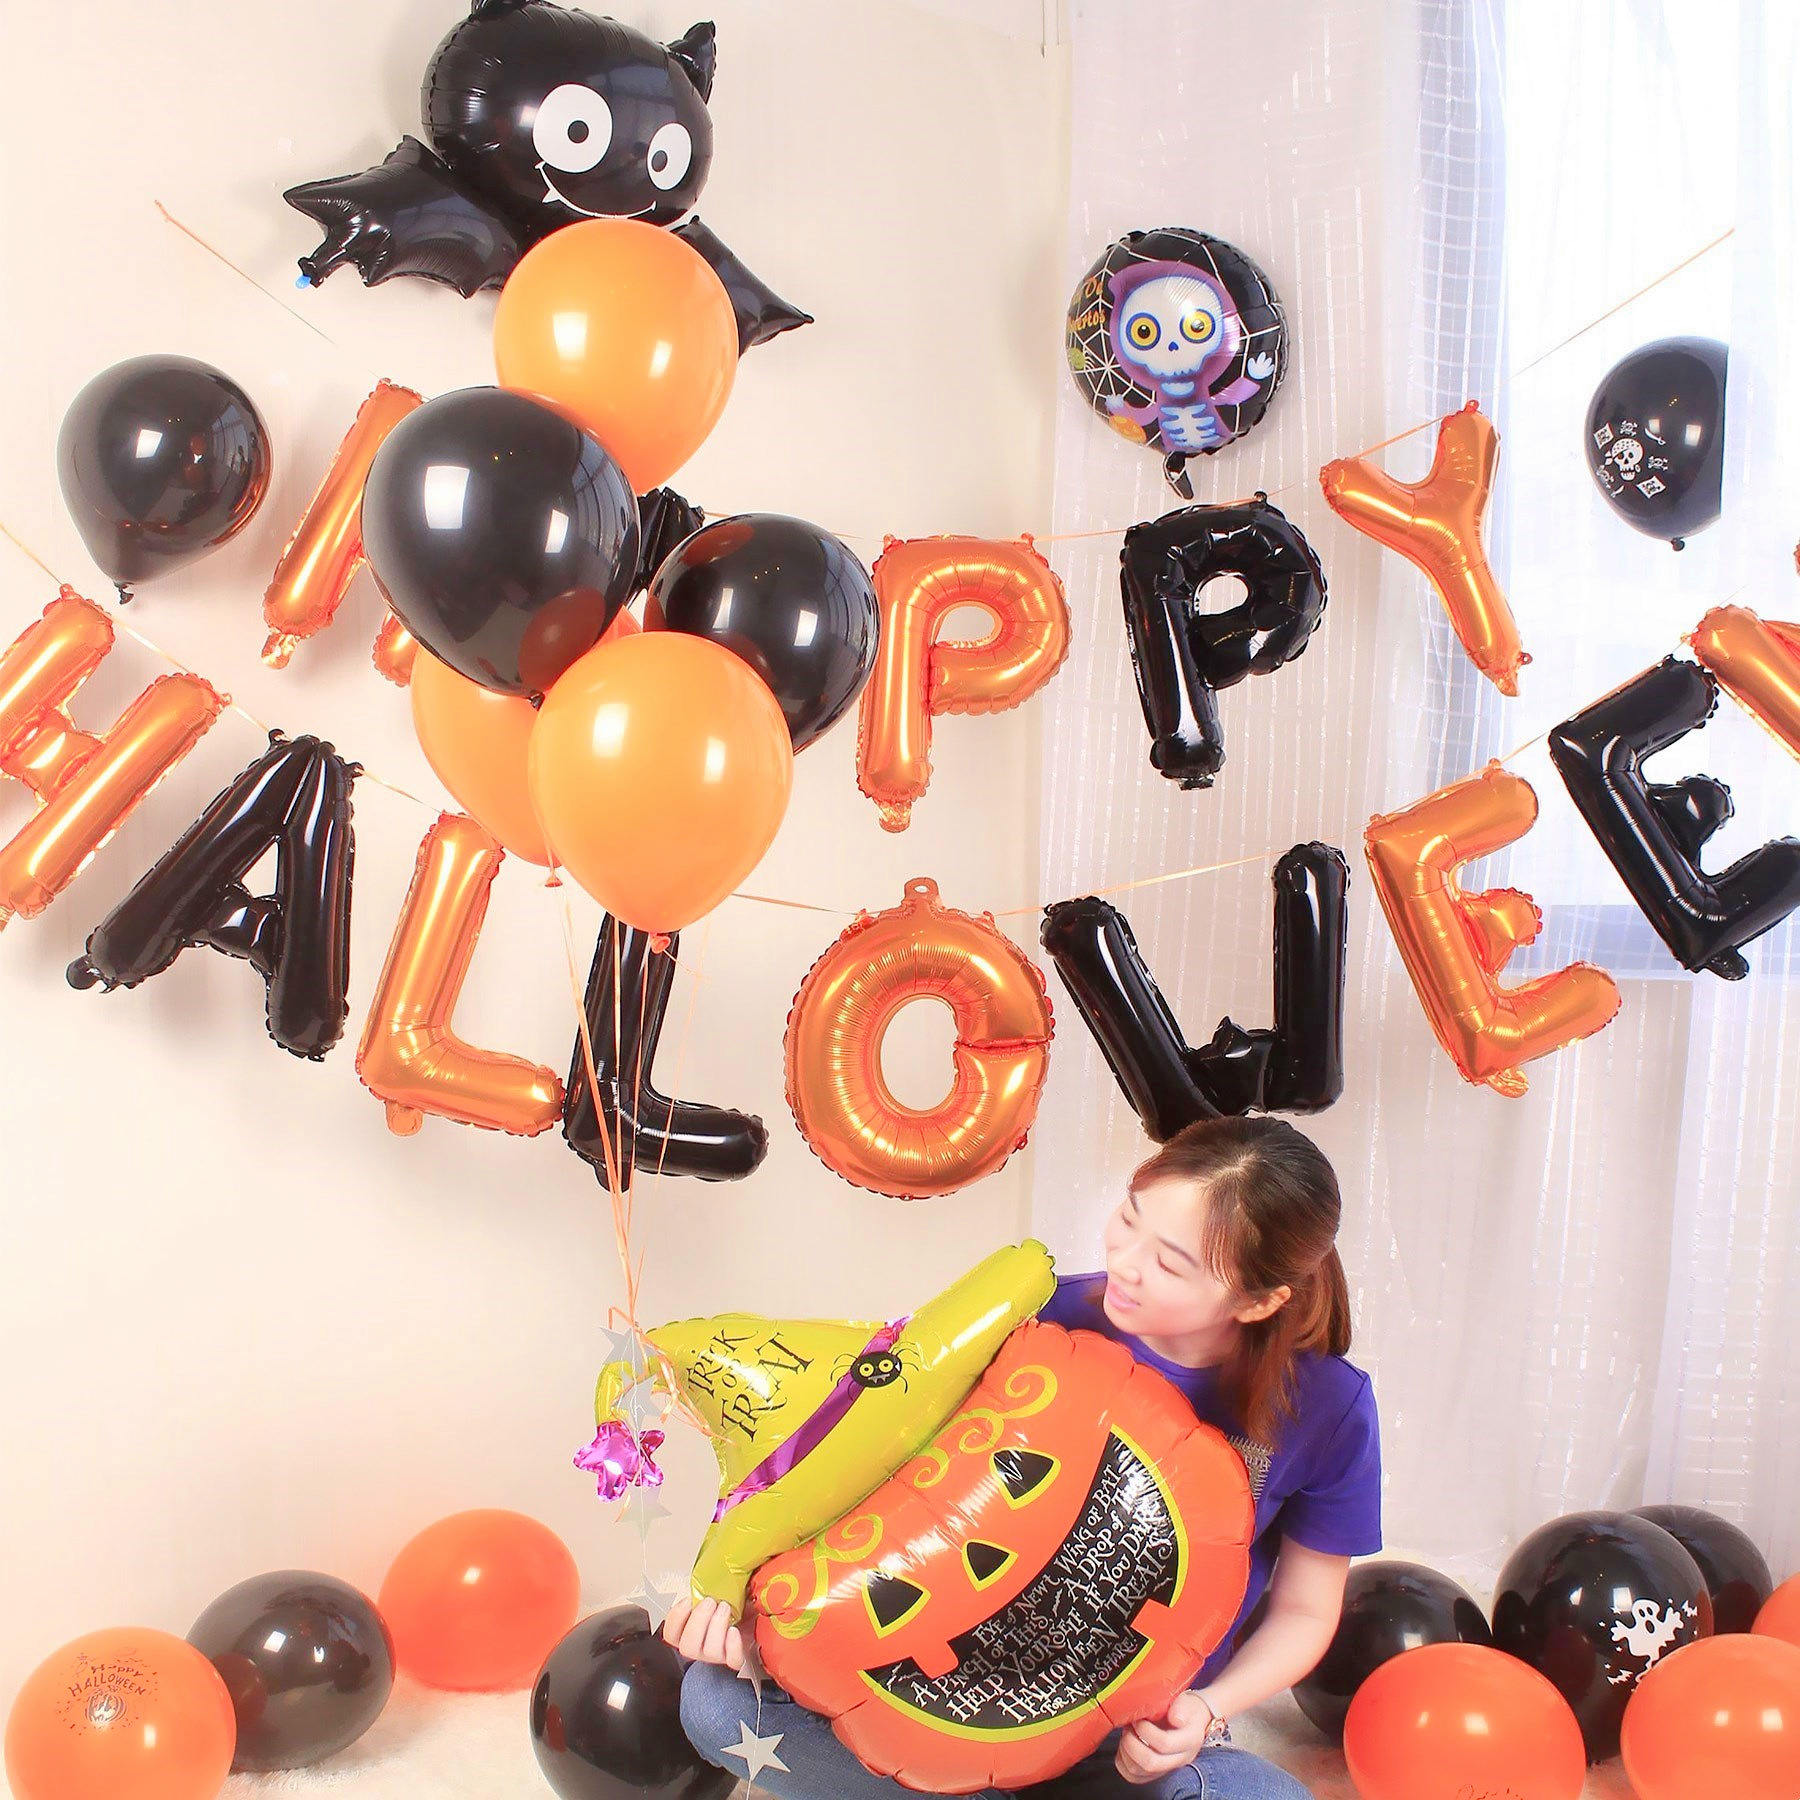 万圣节气球装饰幼儿园教室背景墙酒店商场店铺场景布置铝膜气球